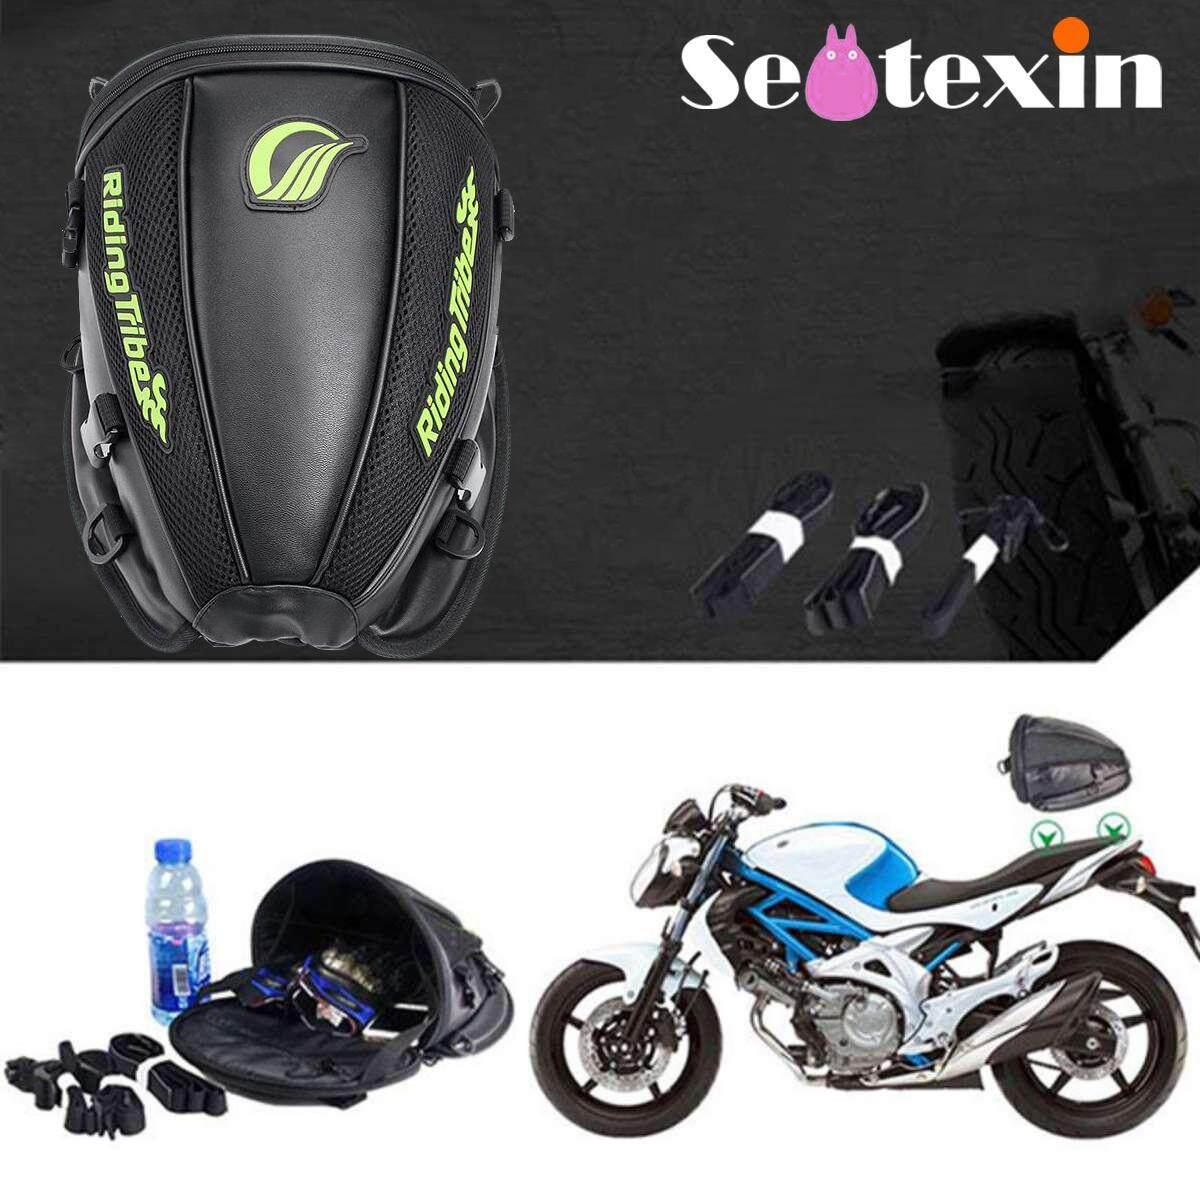 hight resolution of waterproof motorcycle tank bag genius tail bags waterproof oil fuel saddle